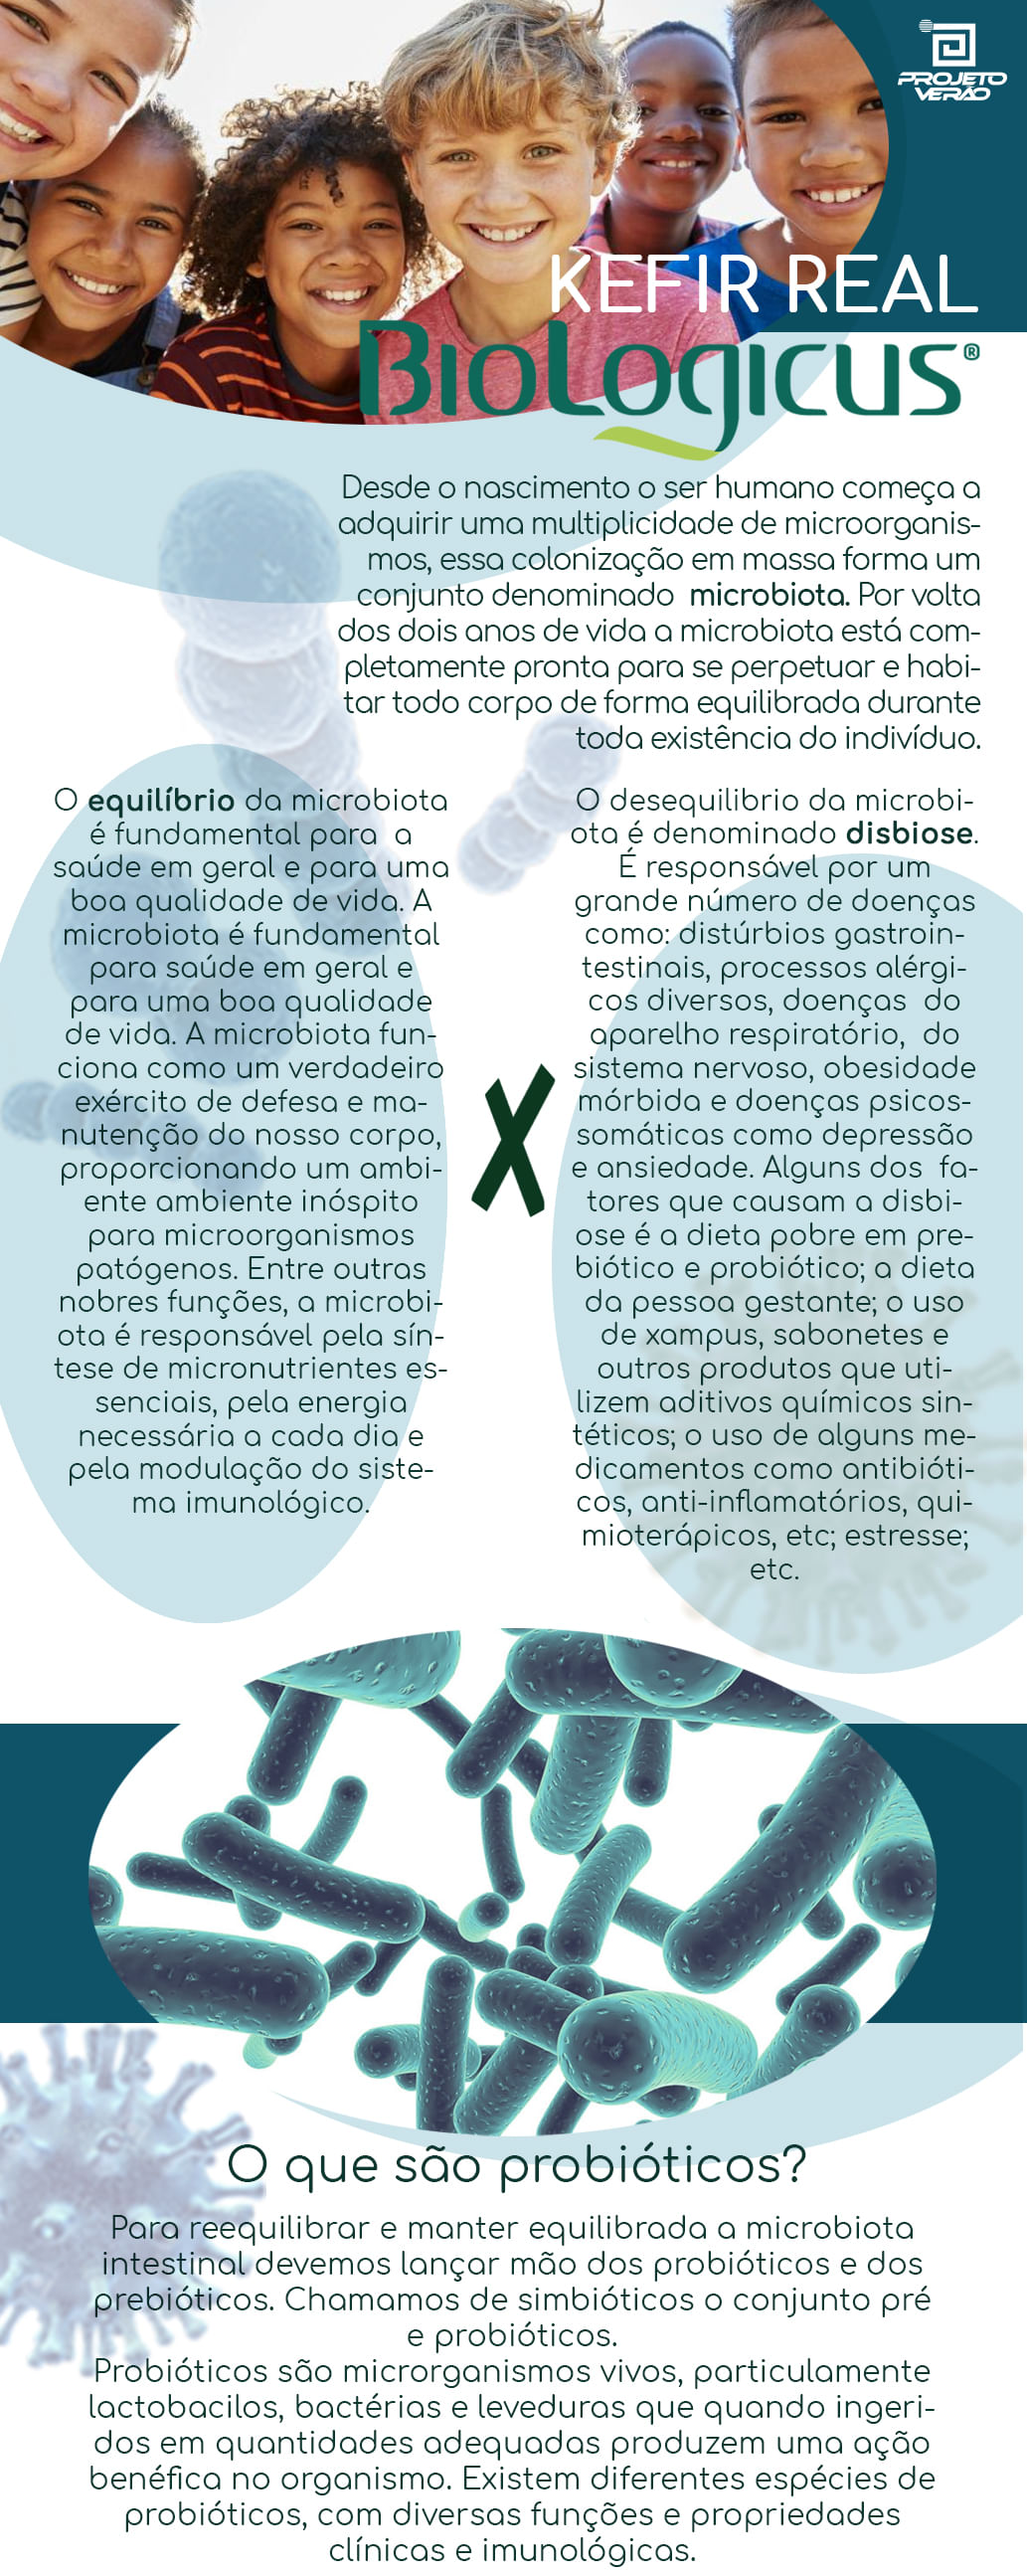 Kefir Real de Cálcio e Vitamina D3, Loja Projeto Verão